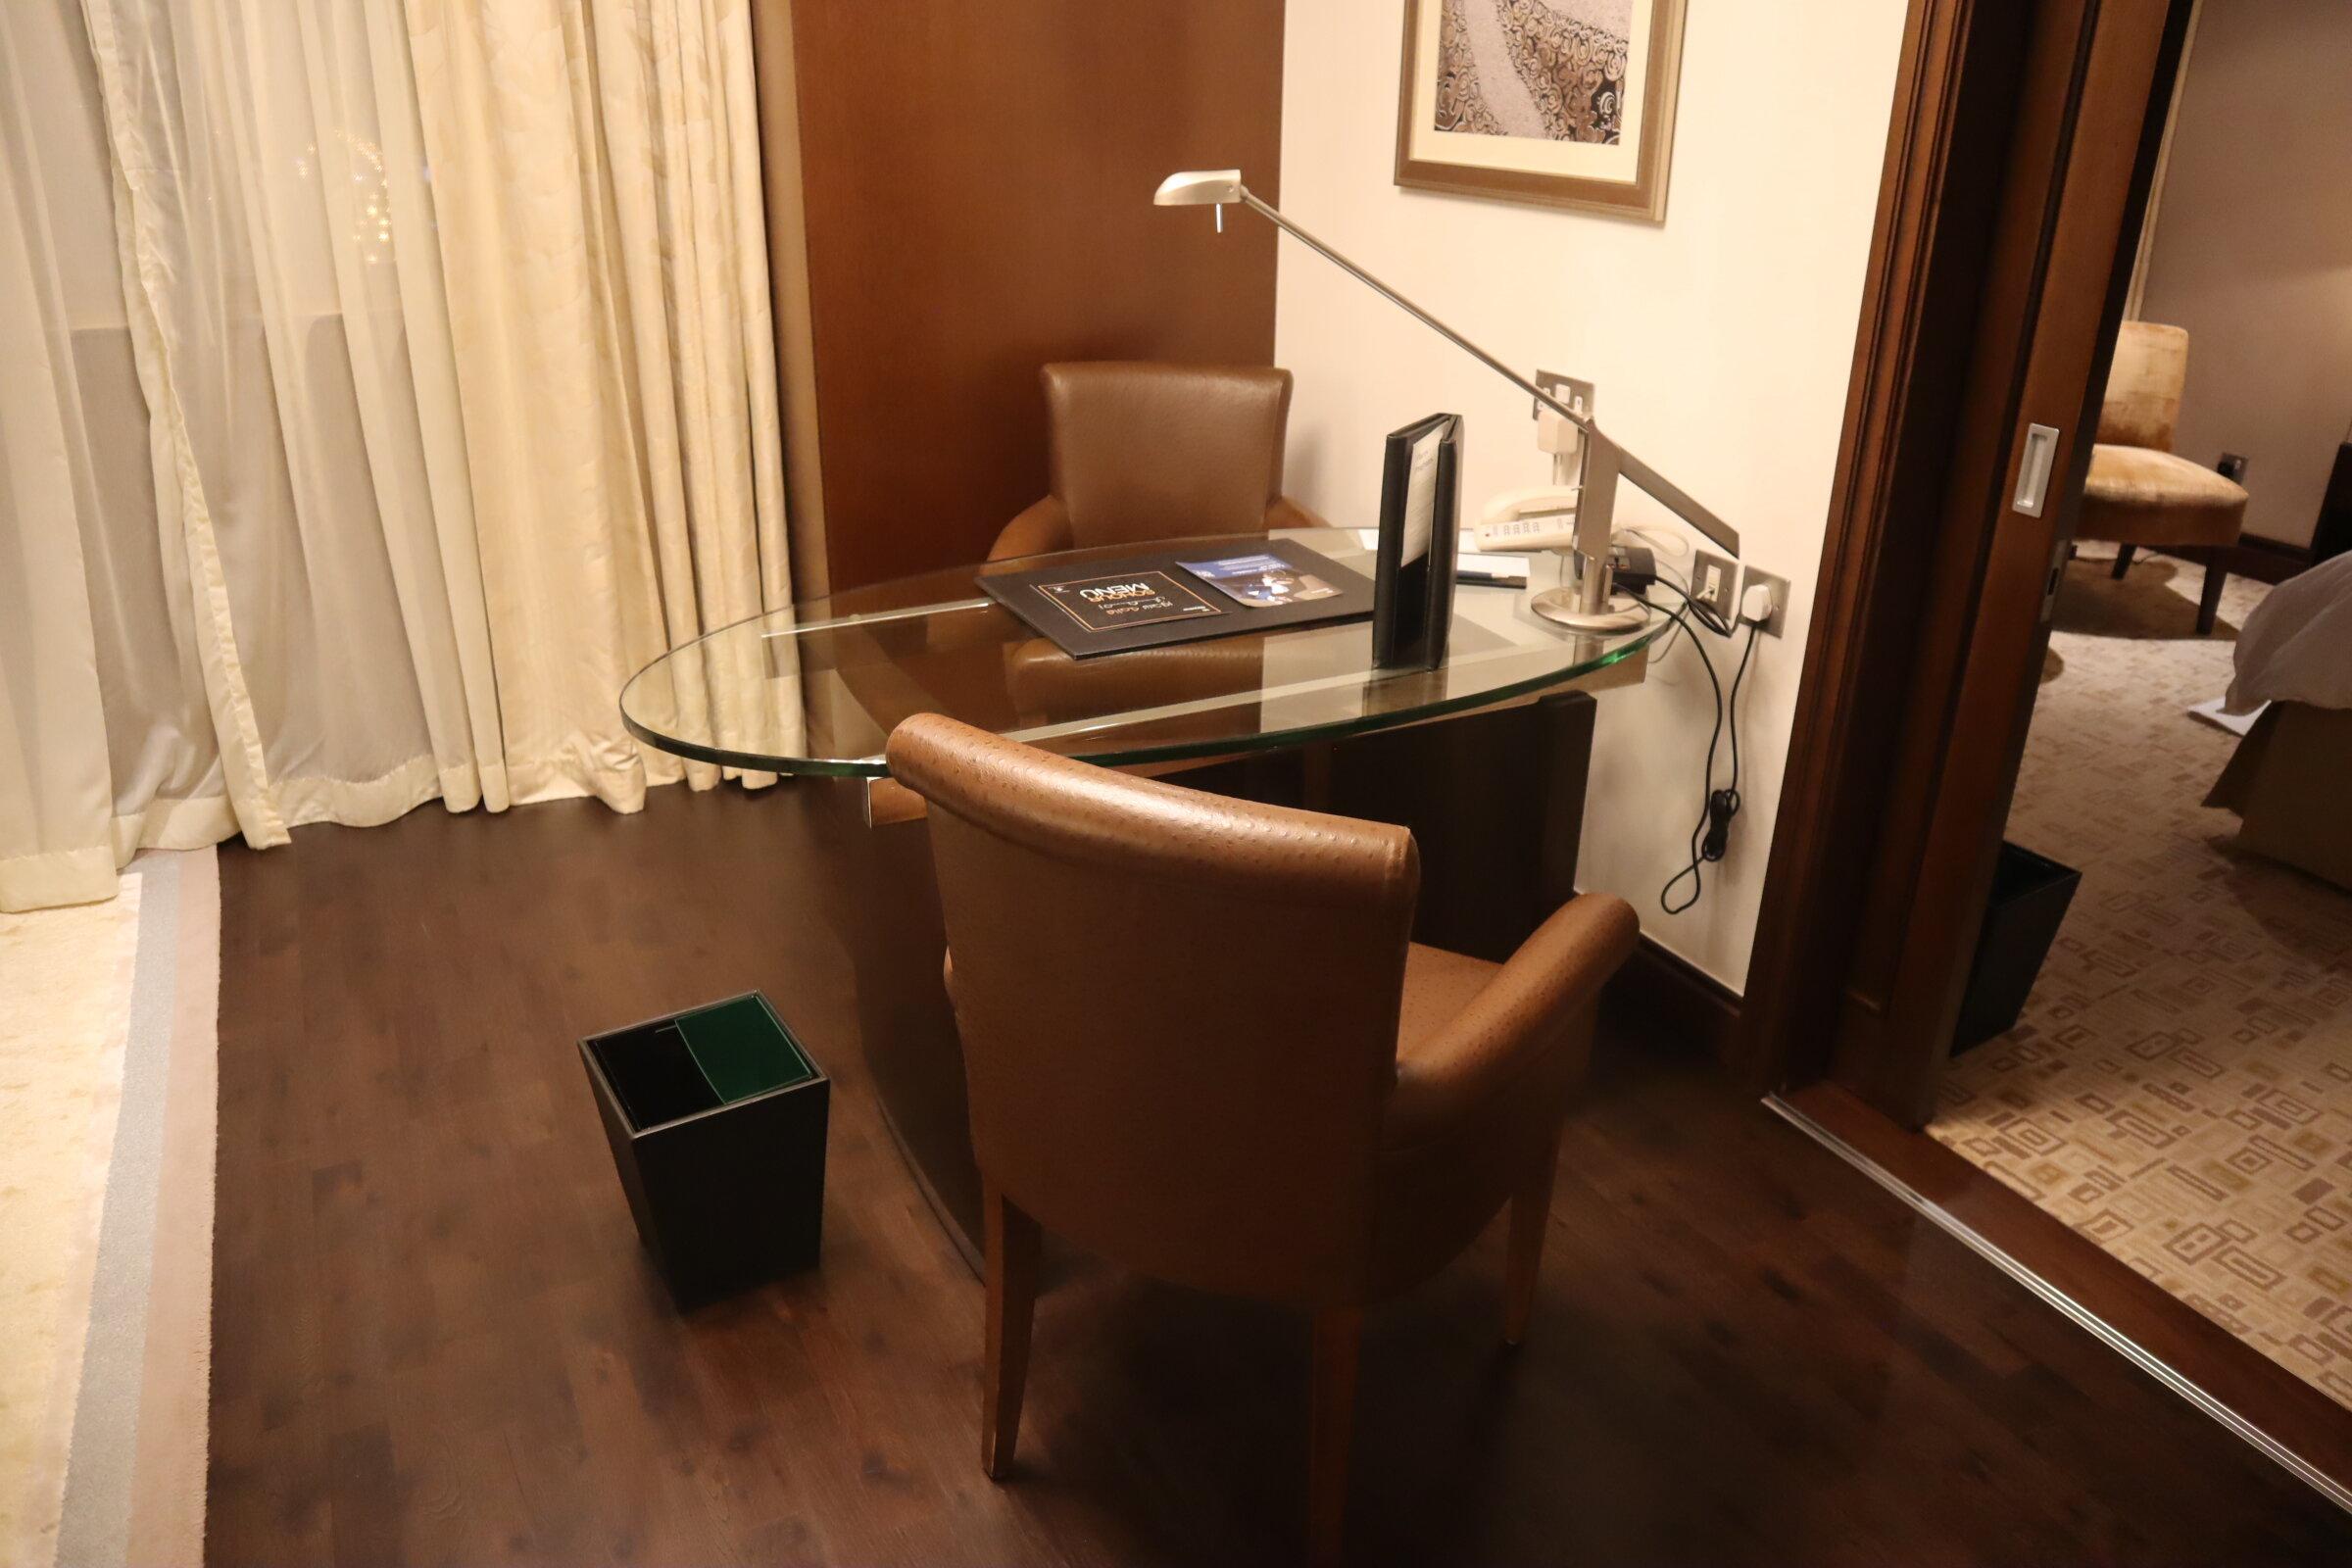 Sheraton Oman – Studio Suite desk